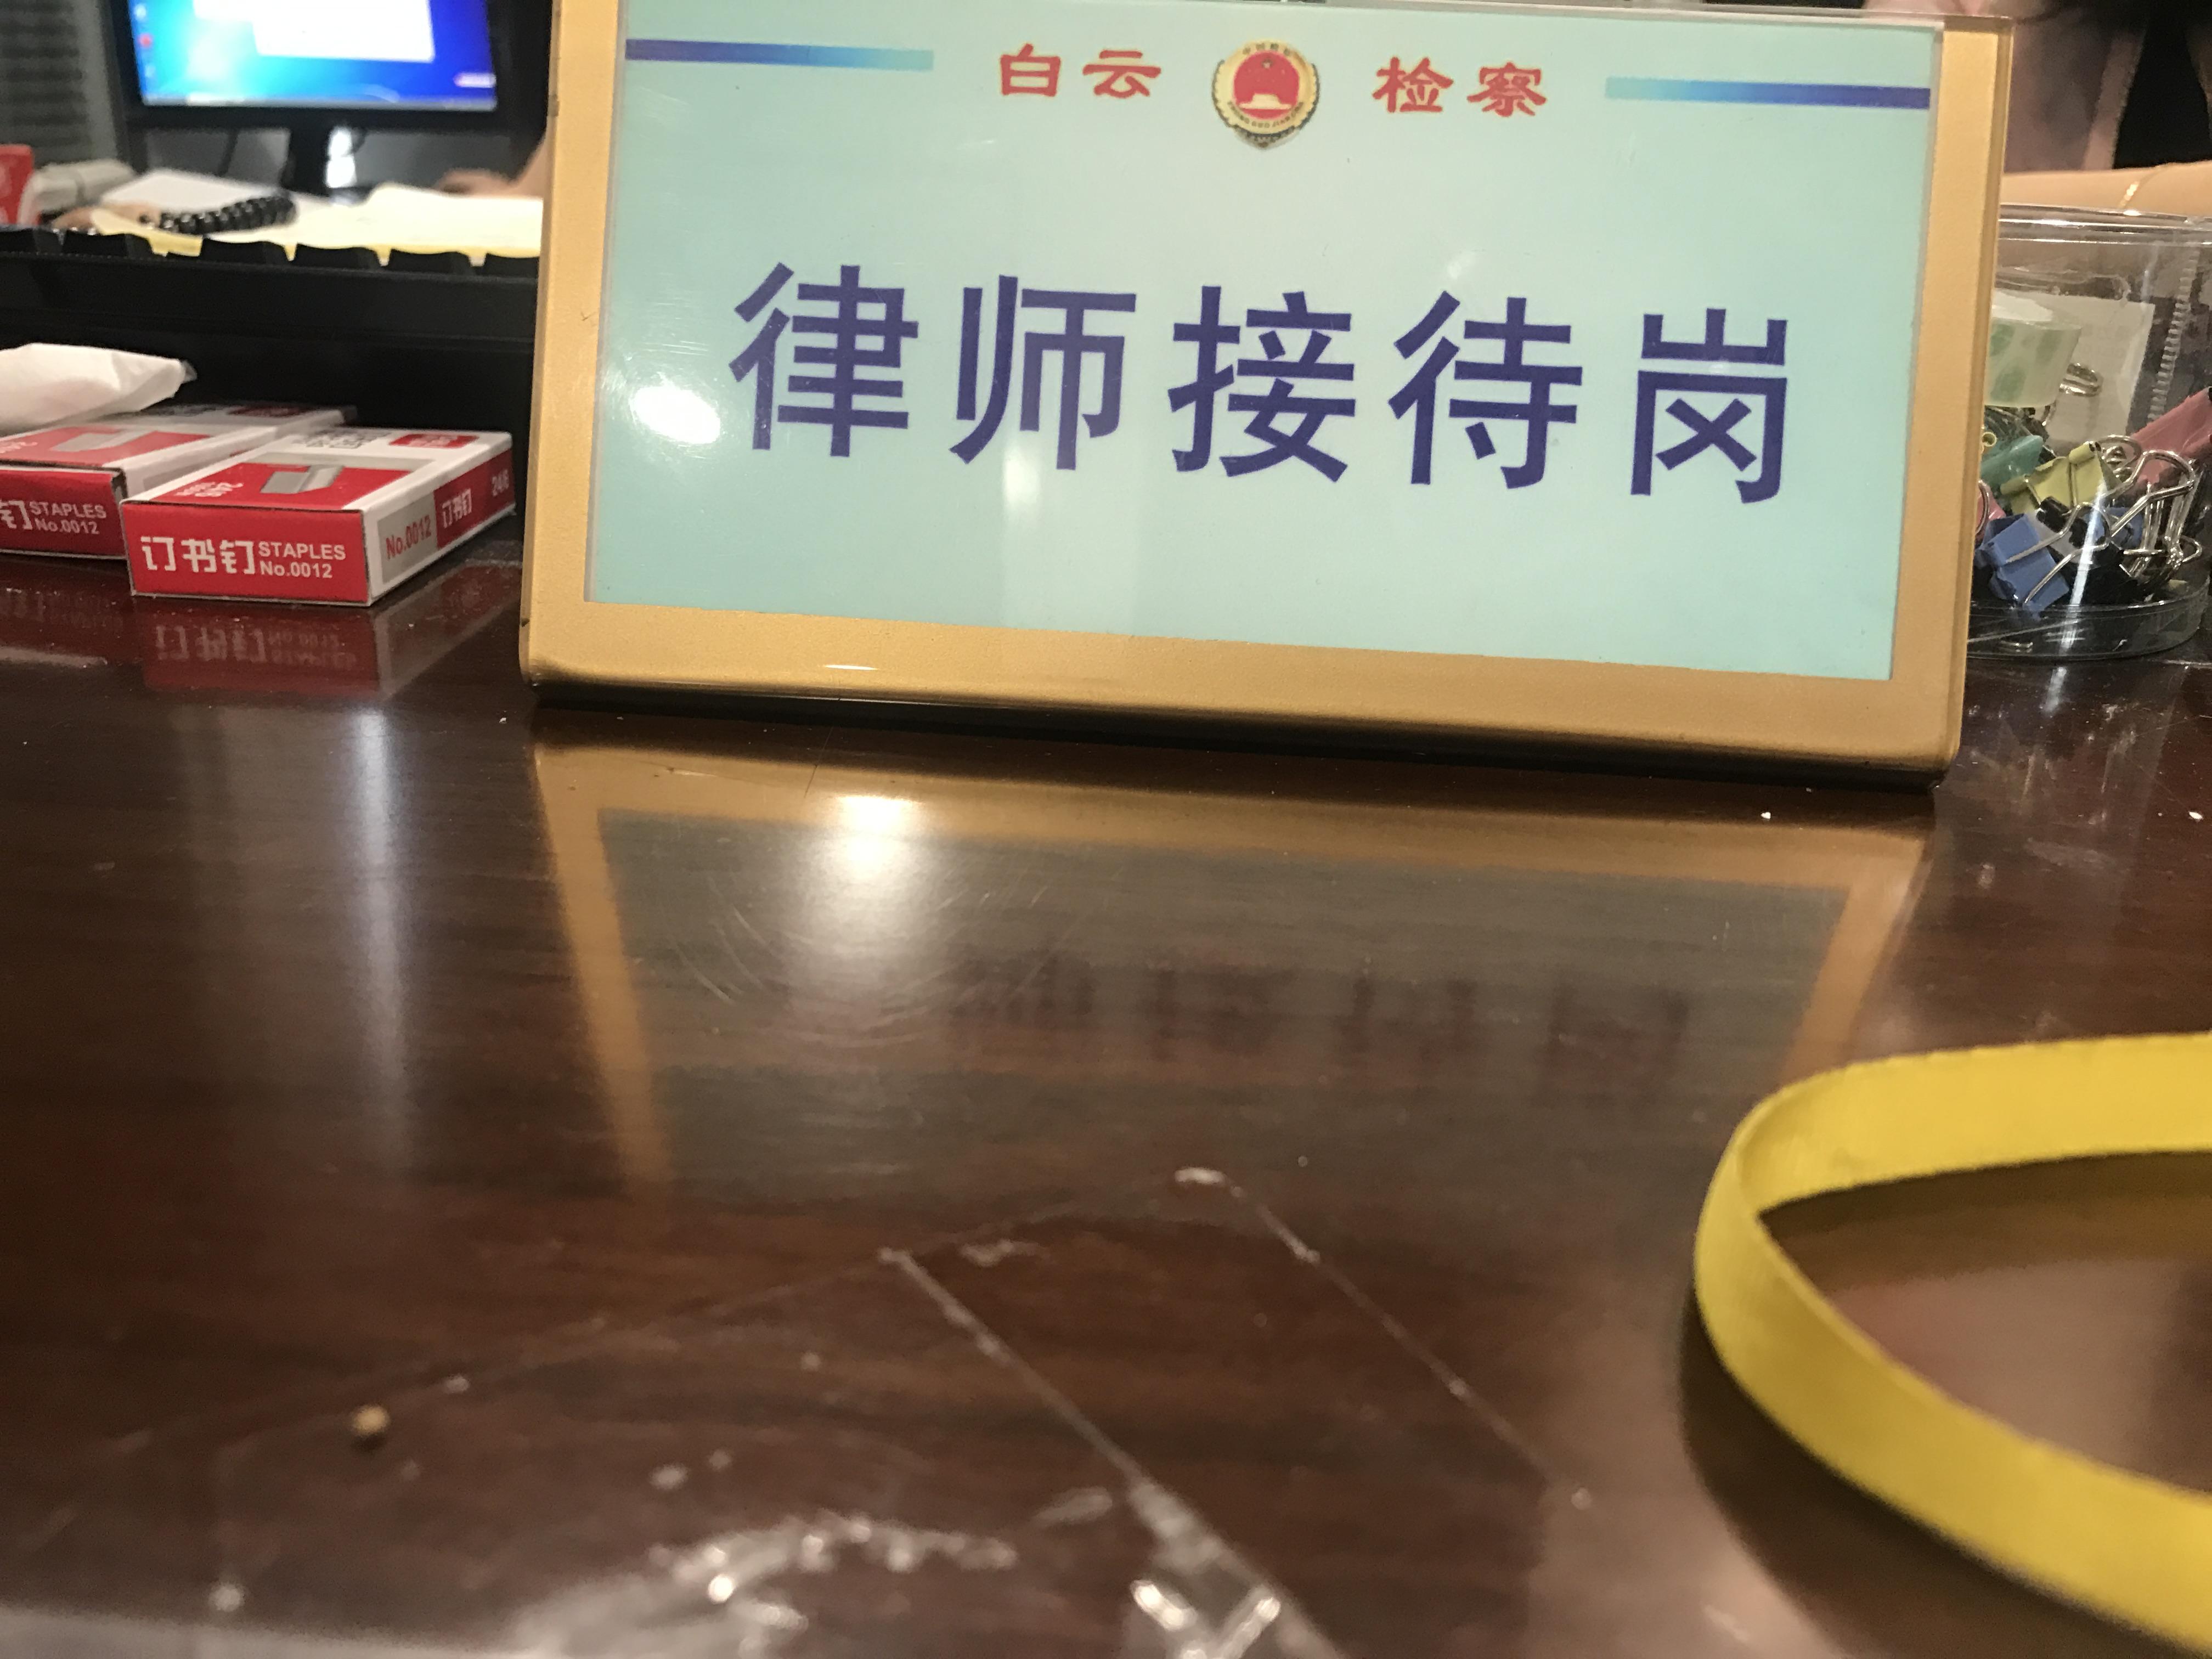 马俊哲律师接受老百姓的咨询